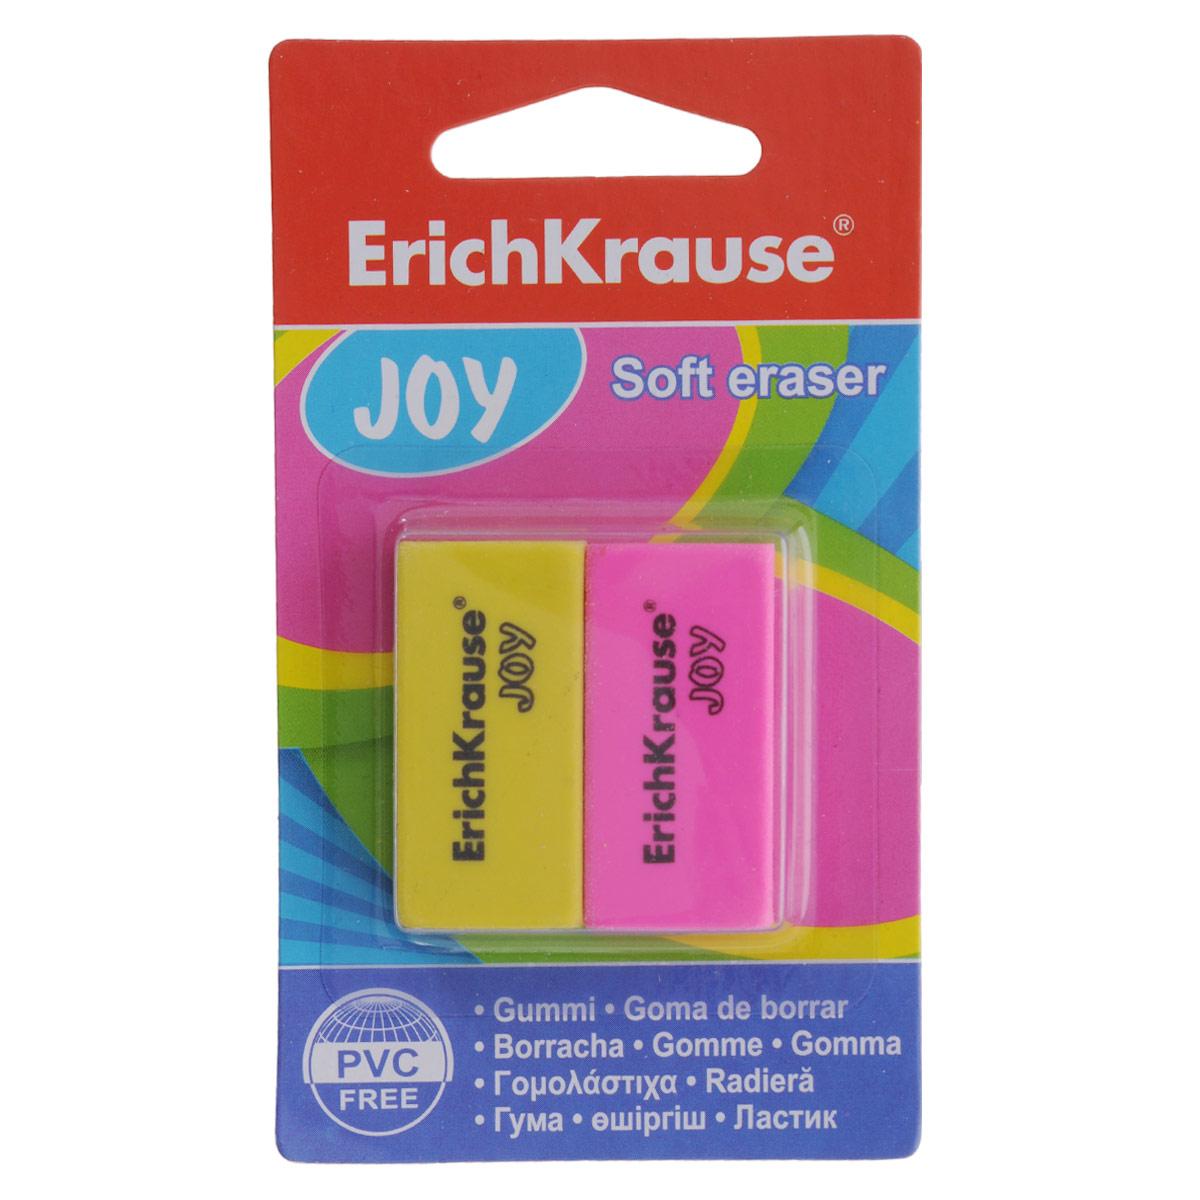 Набор ластиков Erich Krause Joy, цвет: желтый, розовый, 2 шт34650Ластики Erich Krause Joy предназначены для качественного удаления линий чернографитных и цветных карандашей. Обеспечивают высокое качество коррекции, не повреждая поверхность бумаги, не оставляя следов. В наборе 2 ластика желтого и розового цветов.